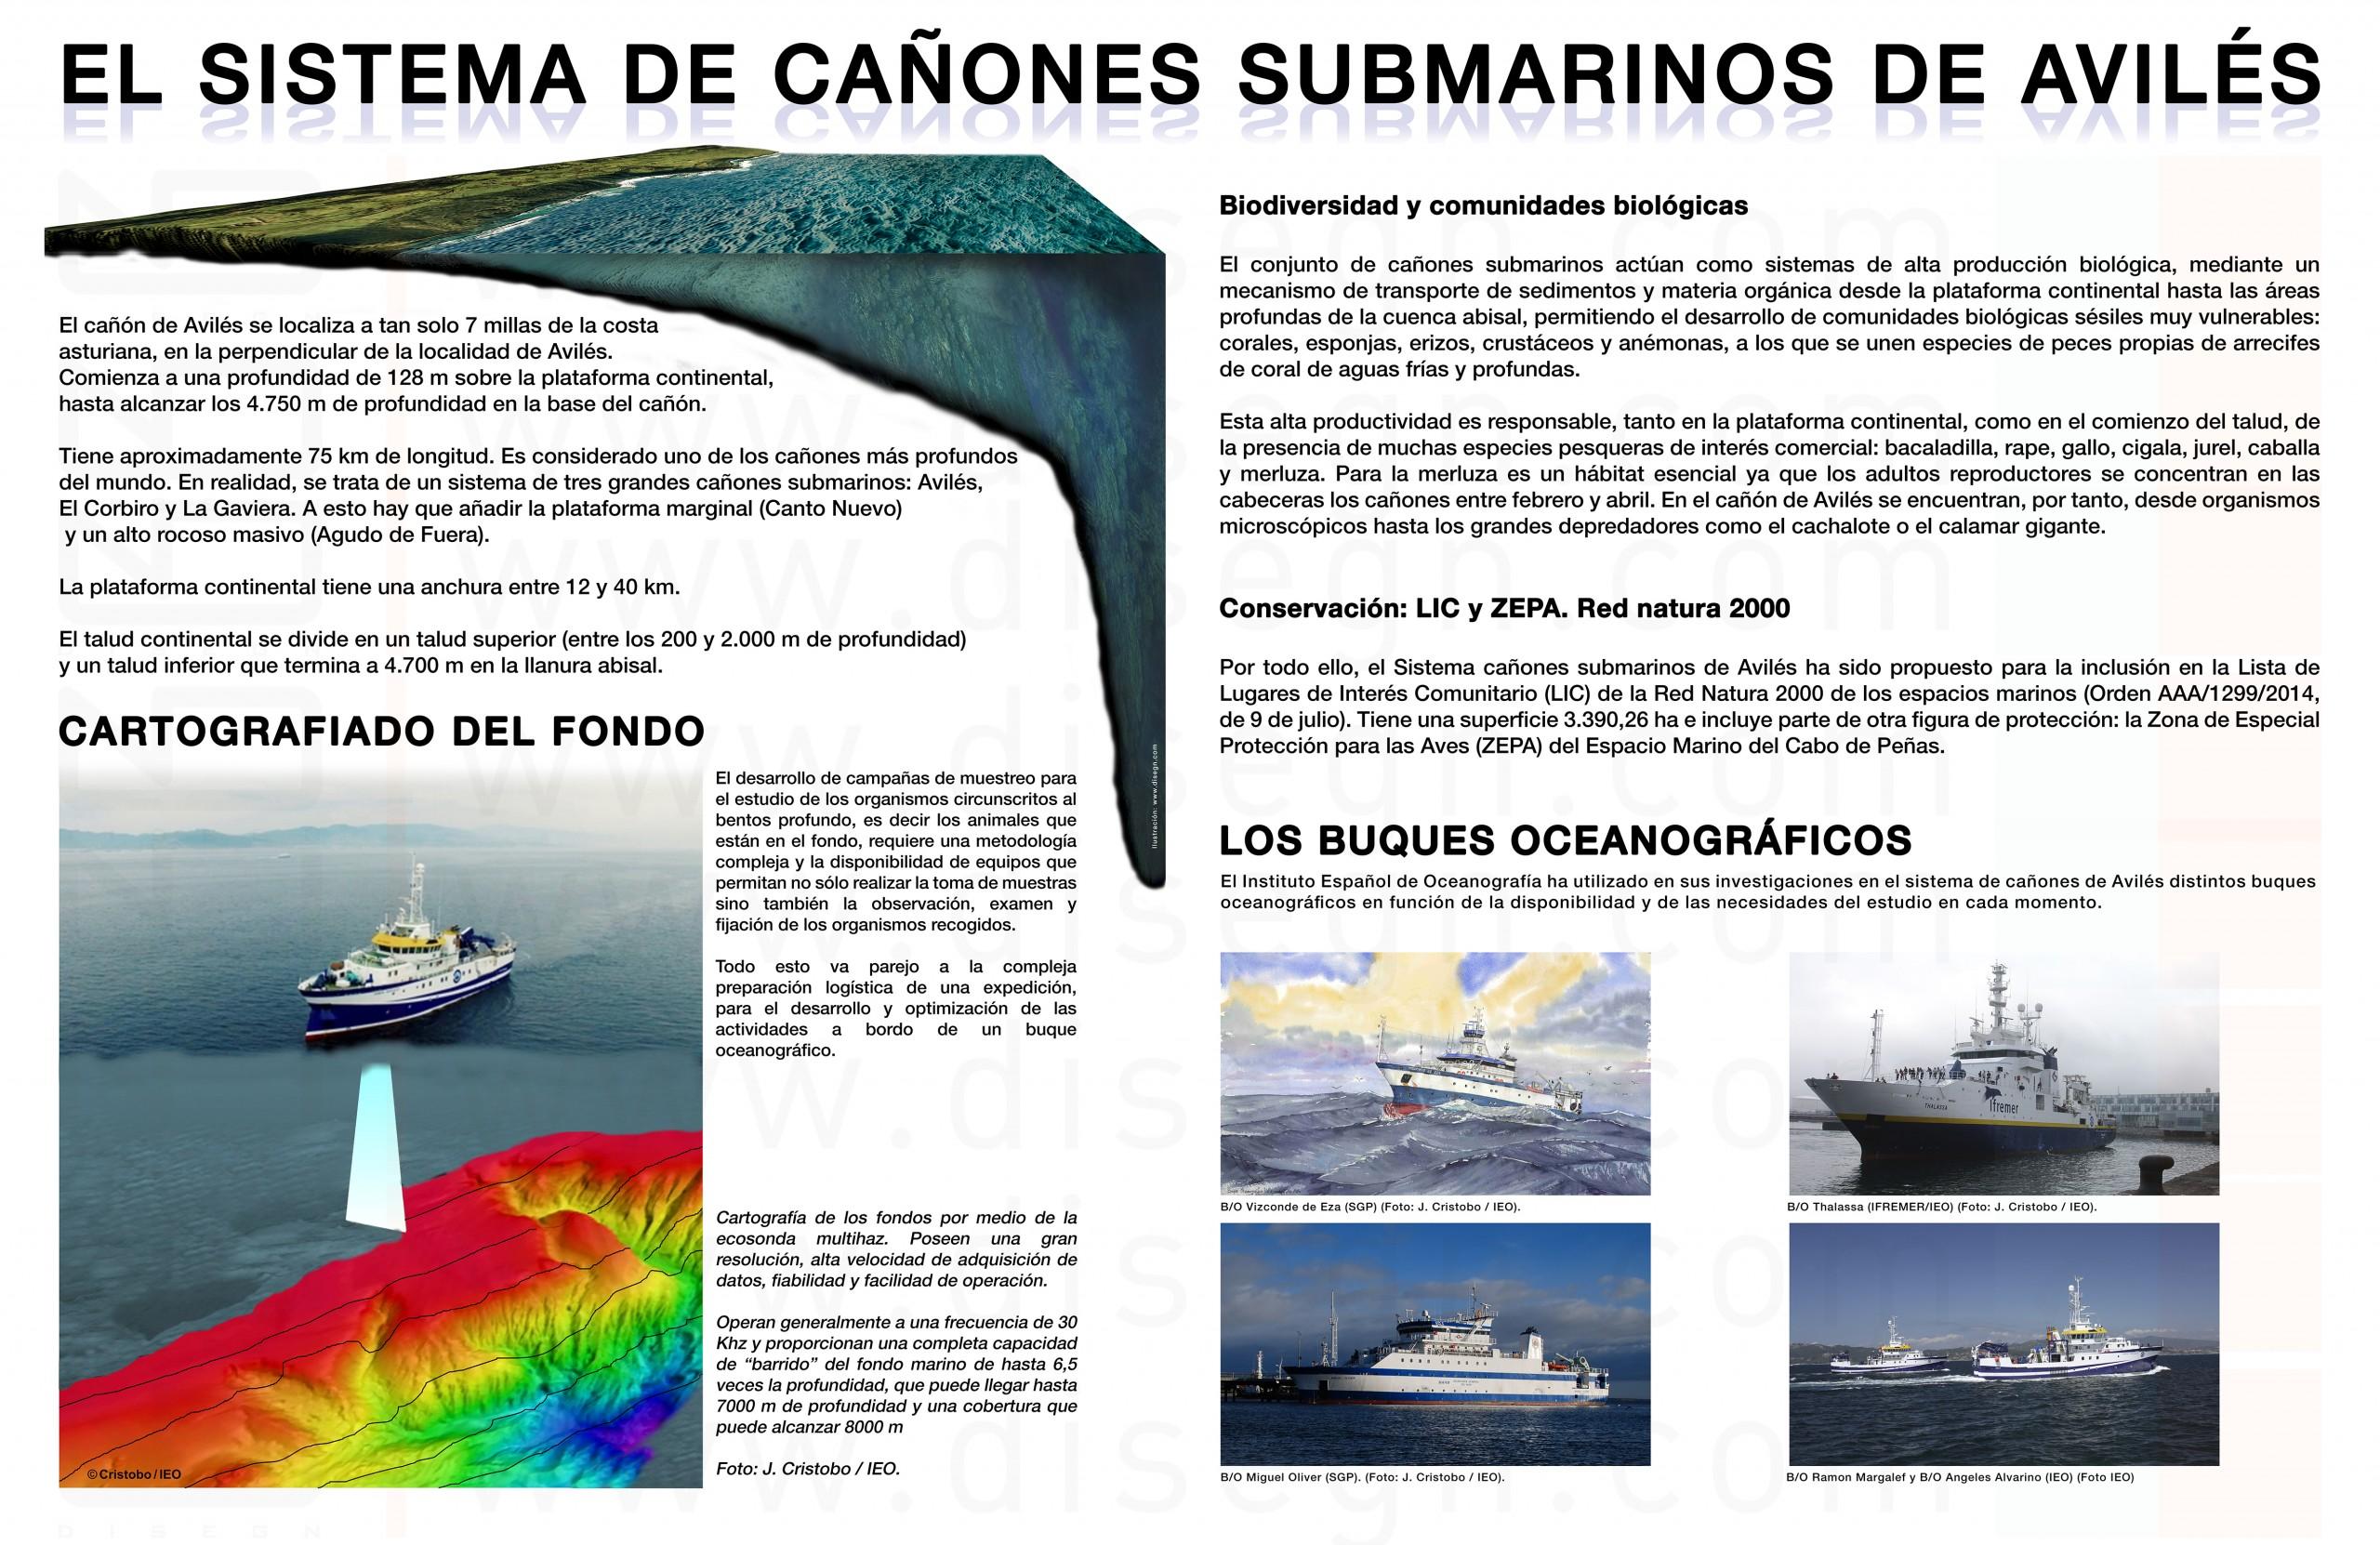 Dirección General de Pesca del Principado de Asturias. Exposición, diseño gráfico, trampantojo y producción sobre el Cañón de Avilés 2016.